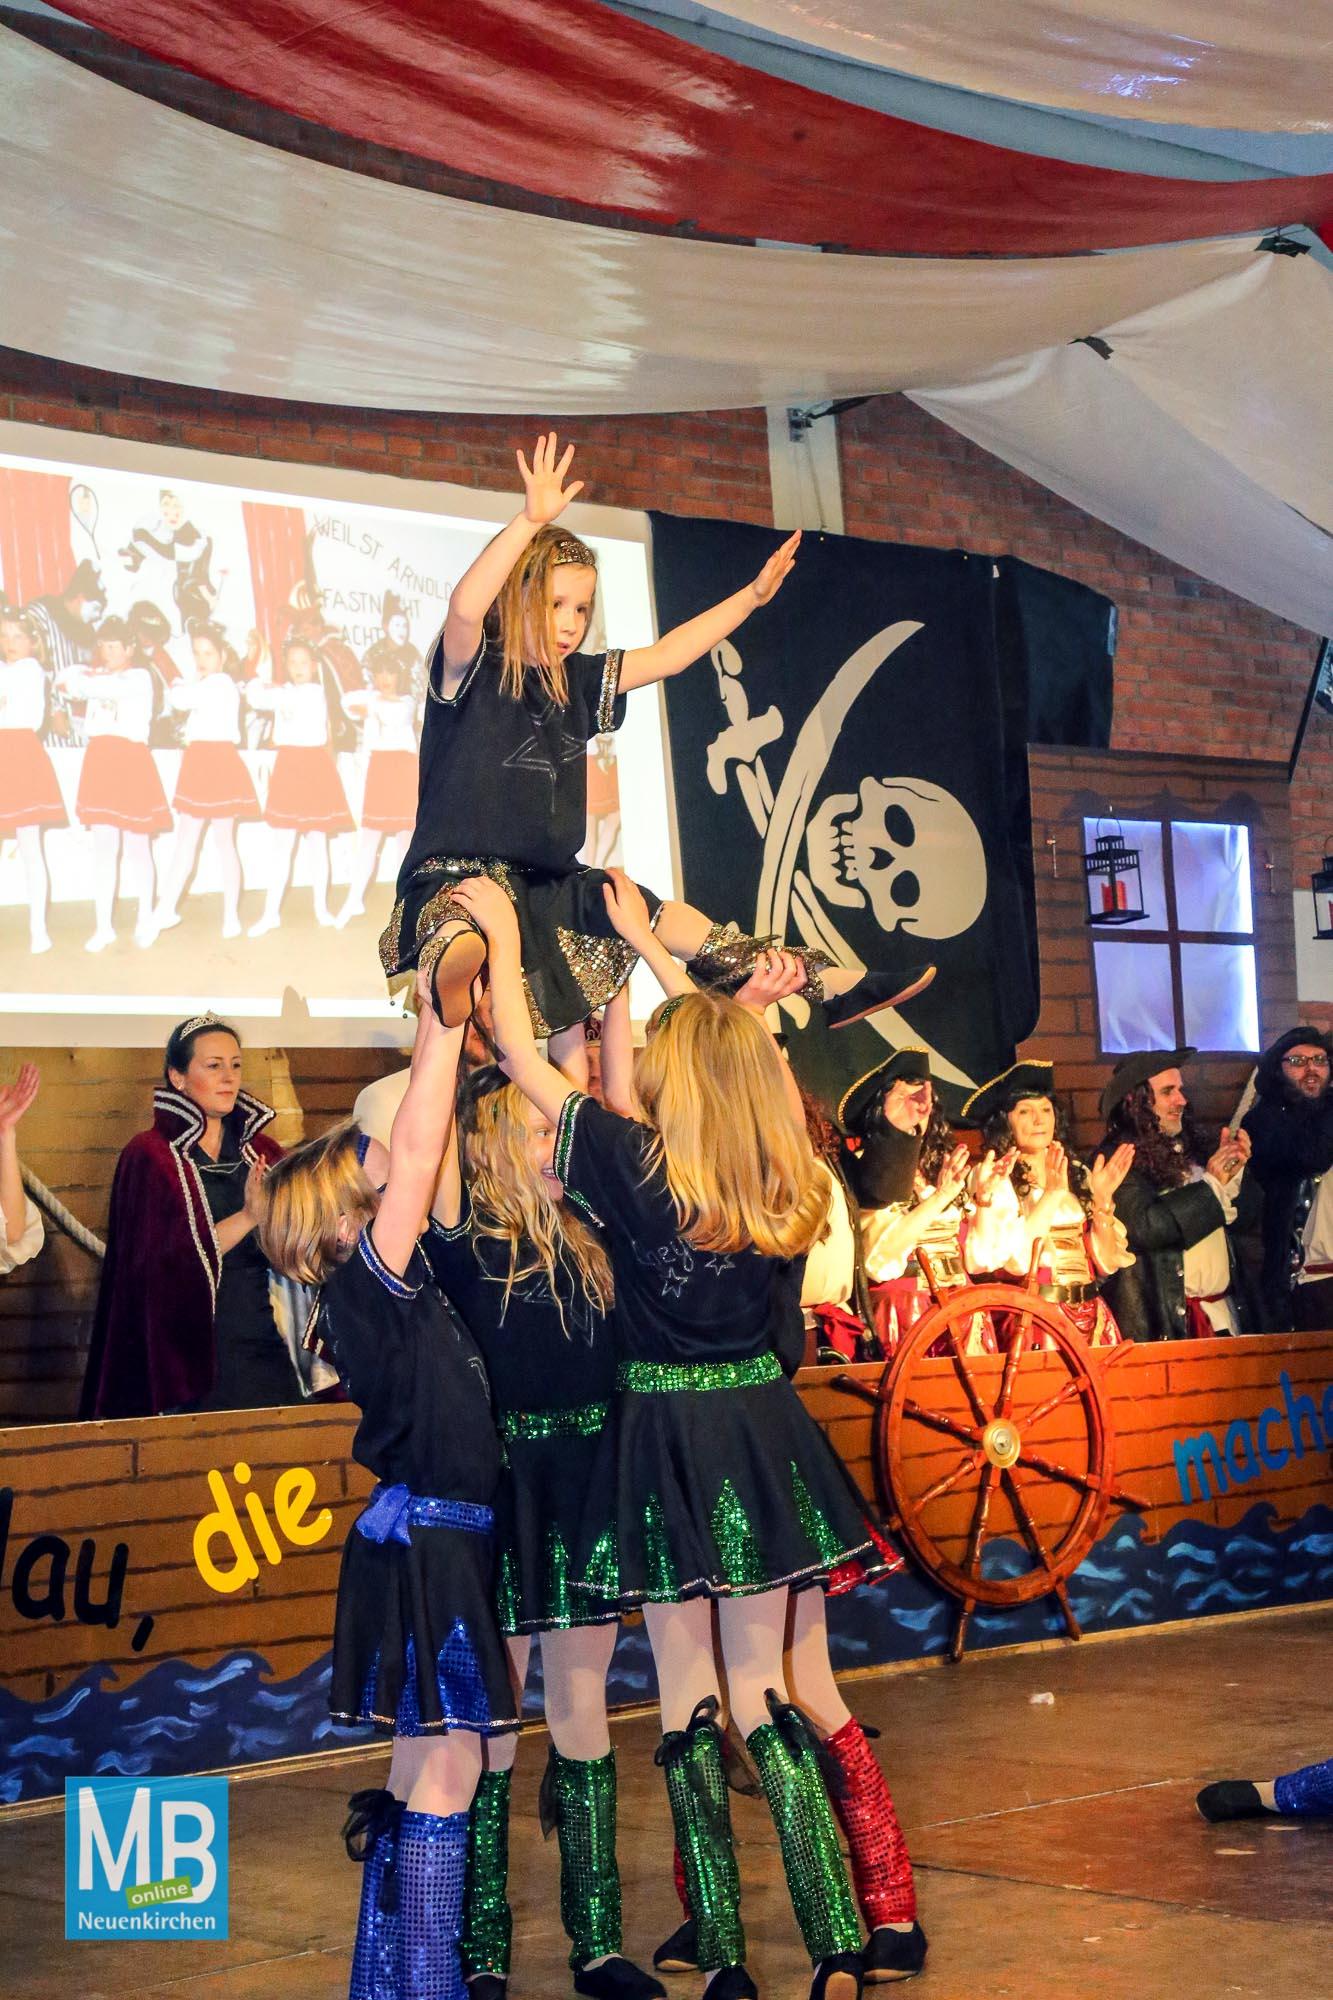 50 Jahre Rote Funken St. Arnold